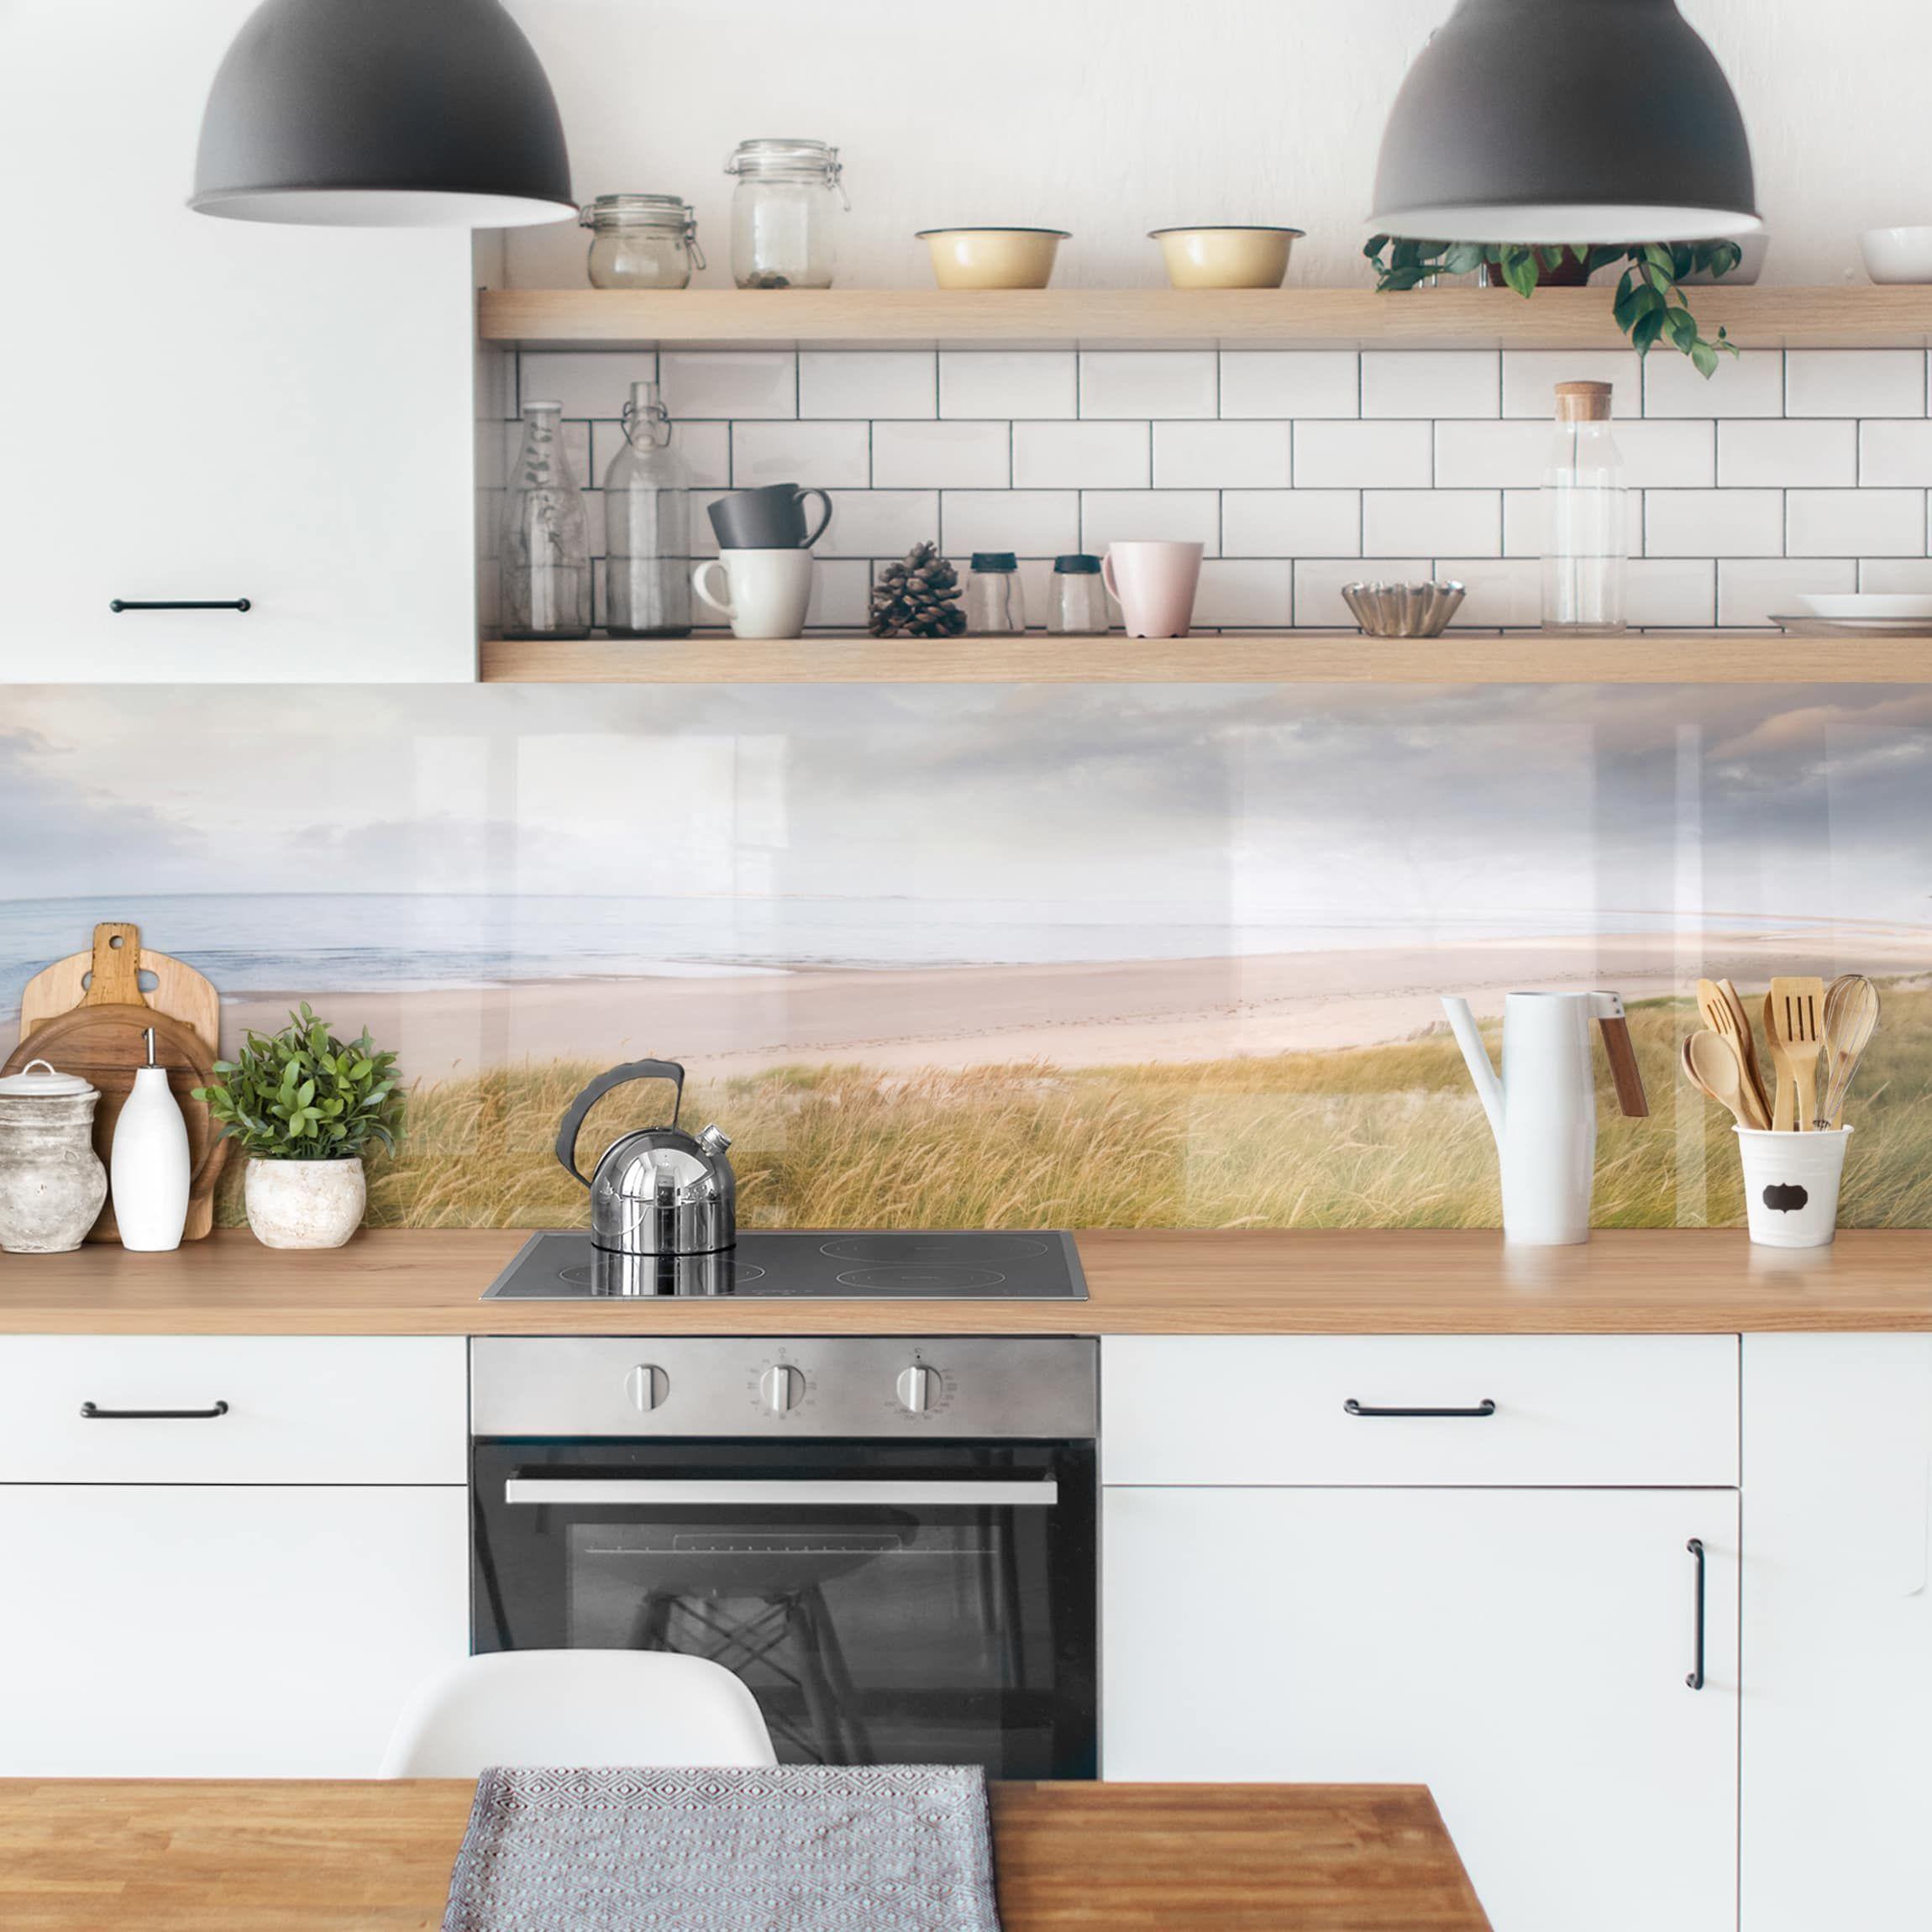 Spritzschutz Küche Glas Nach Maß   Best Home Decor